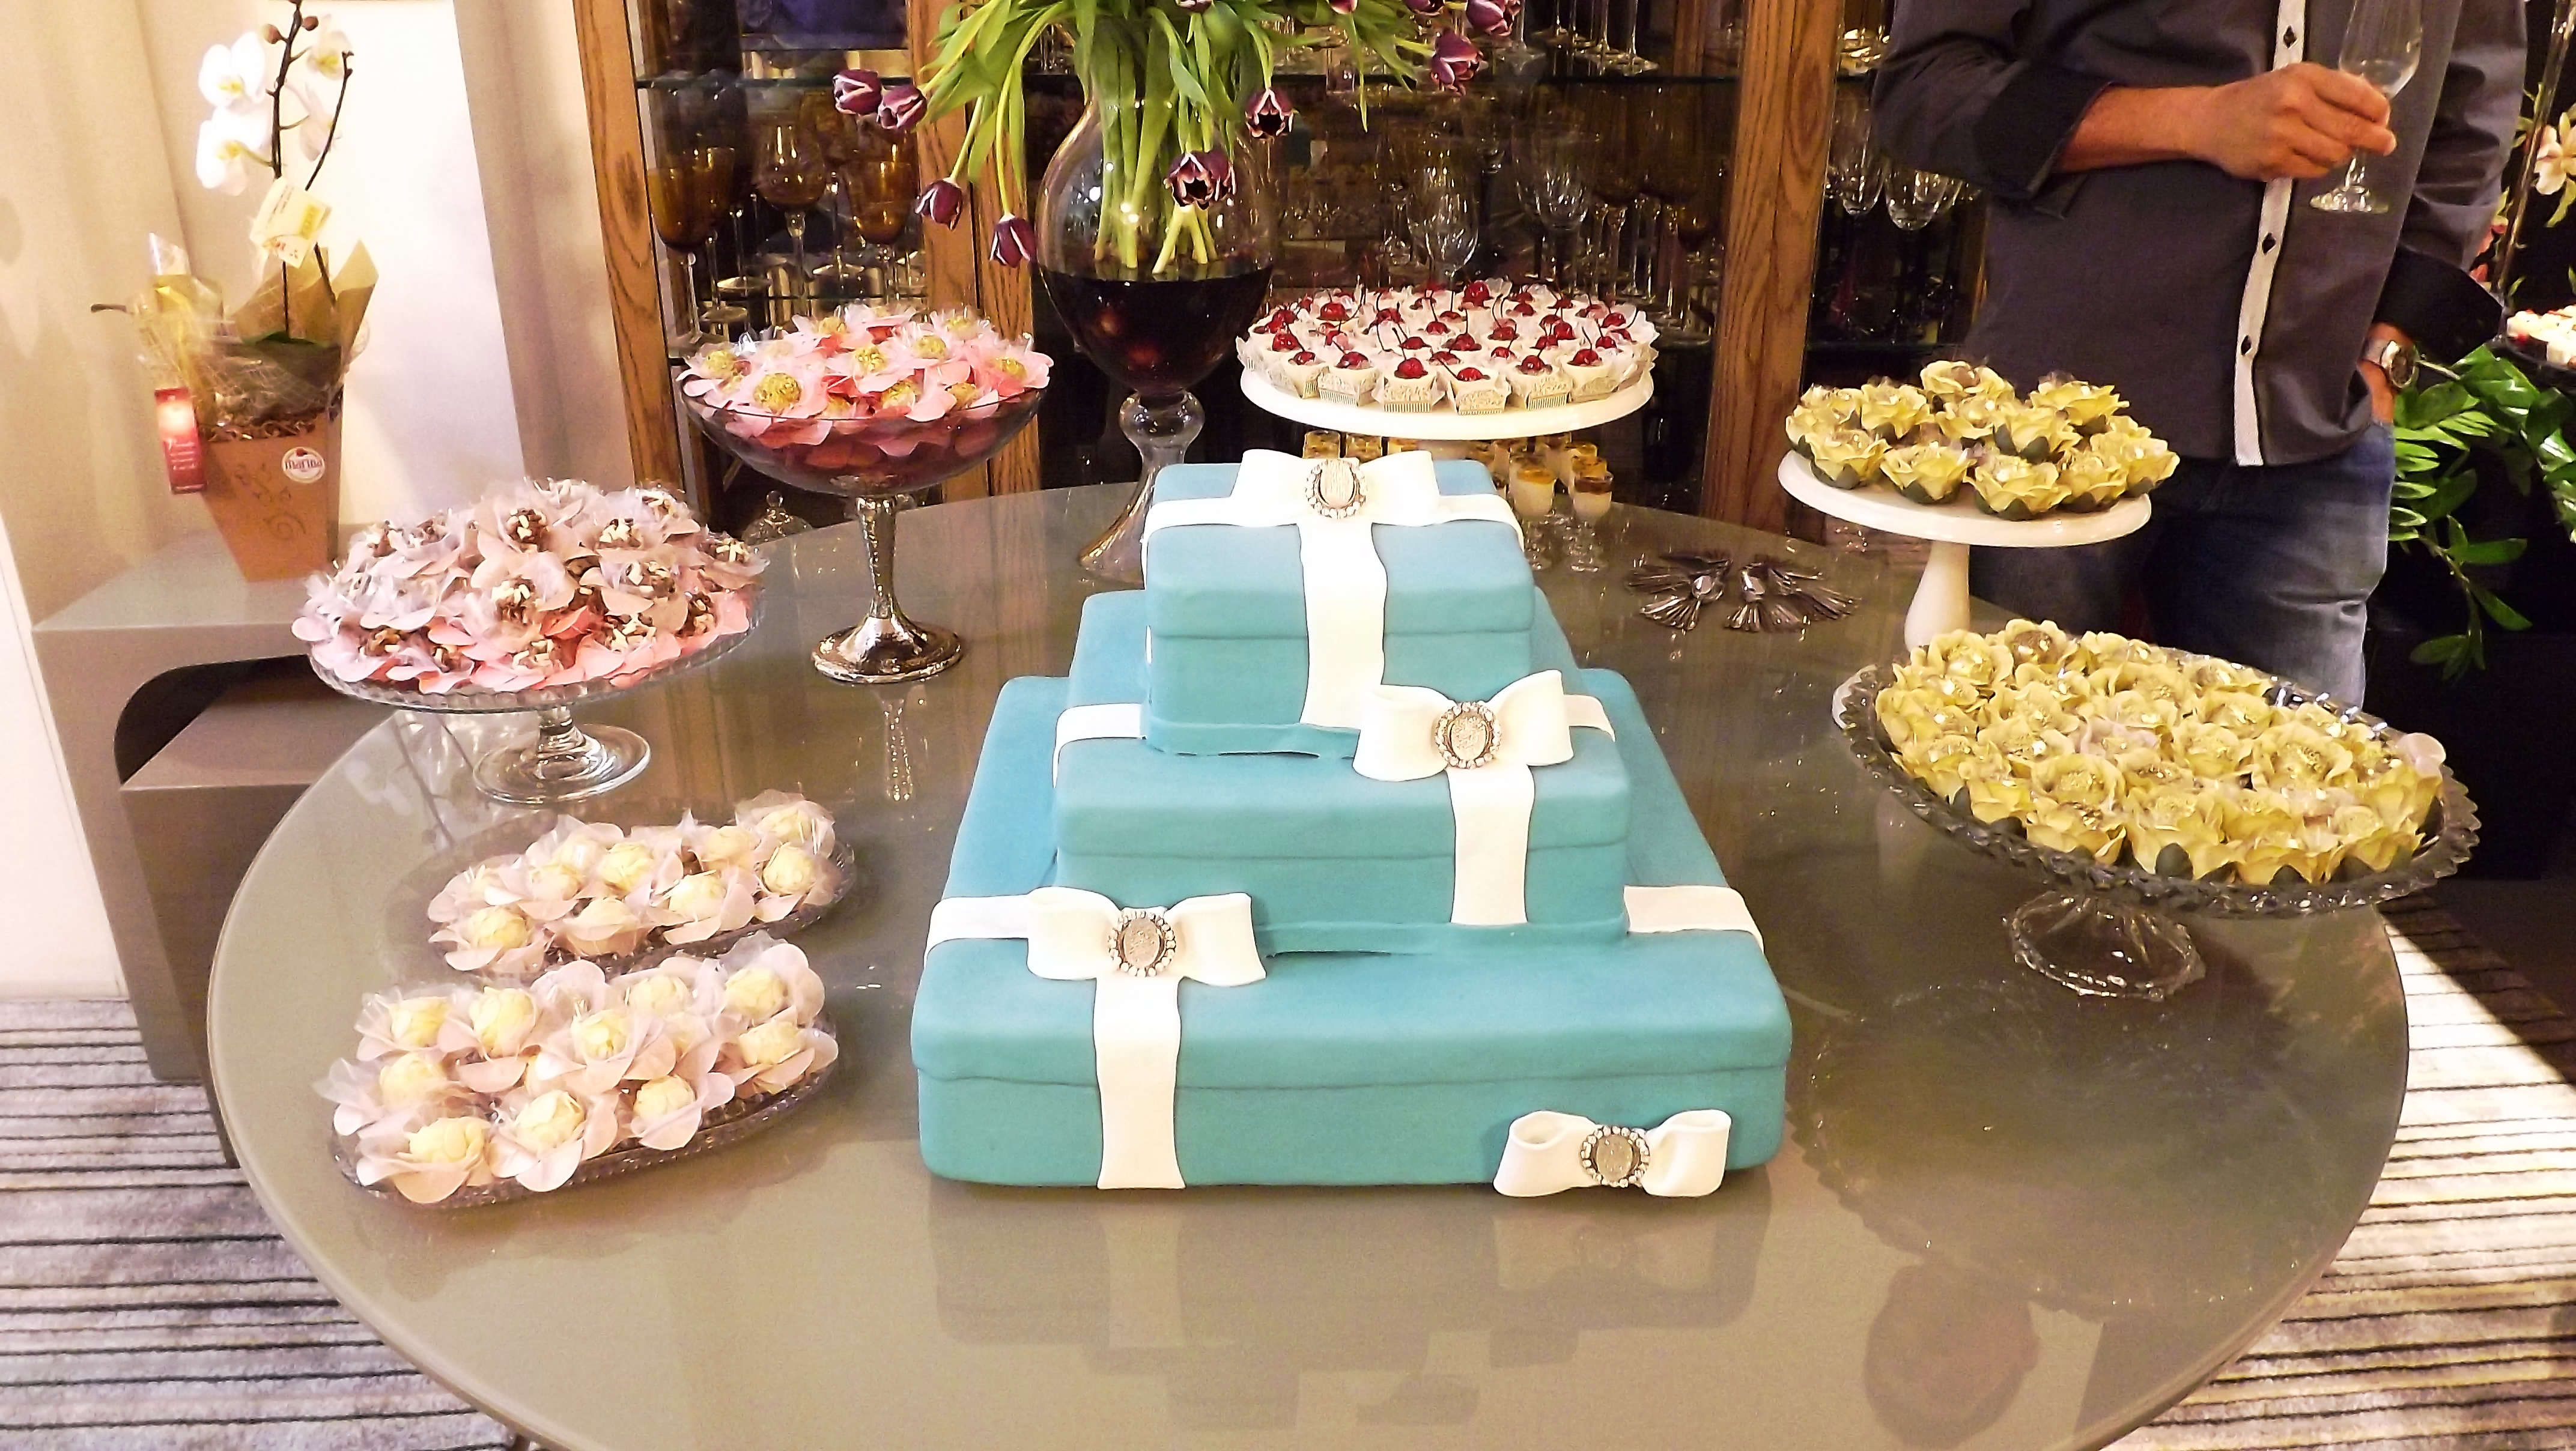 mesas dos doces